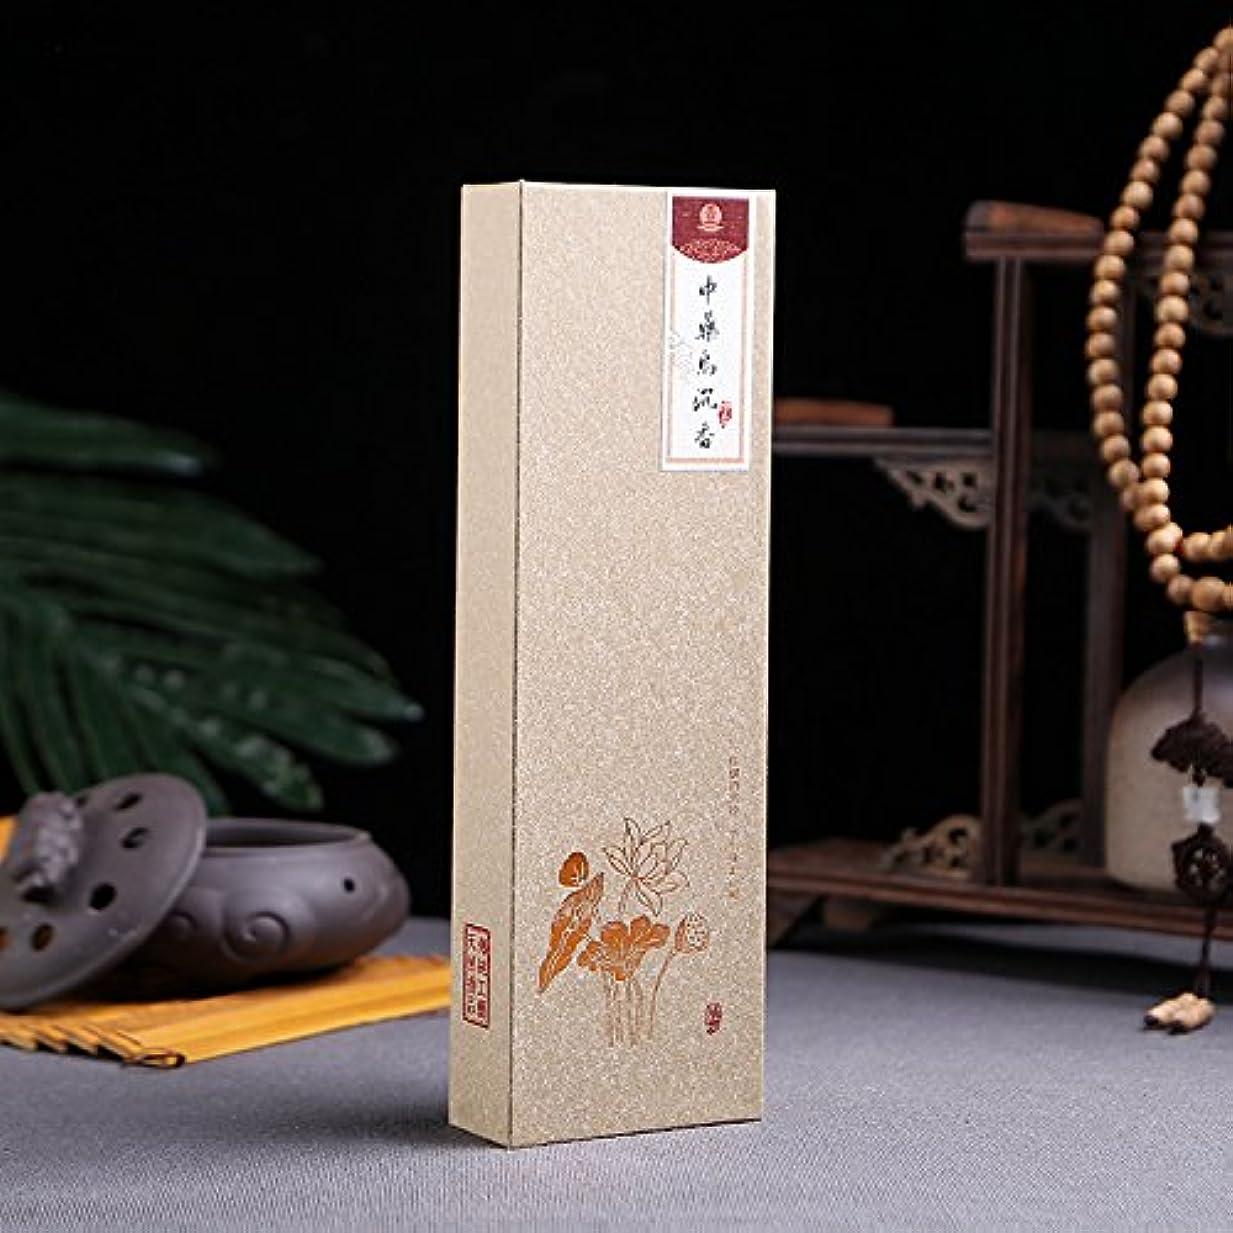 満州池ブリークDiatems - Rongmu Shenlanxiang香卸売100歳の山よもぎ箱入り香のギフトボックス白檀[4]